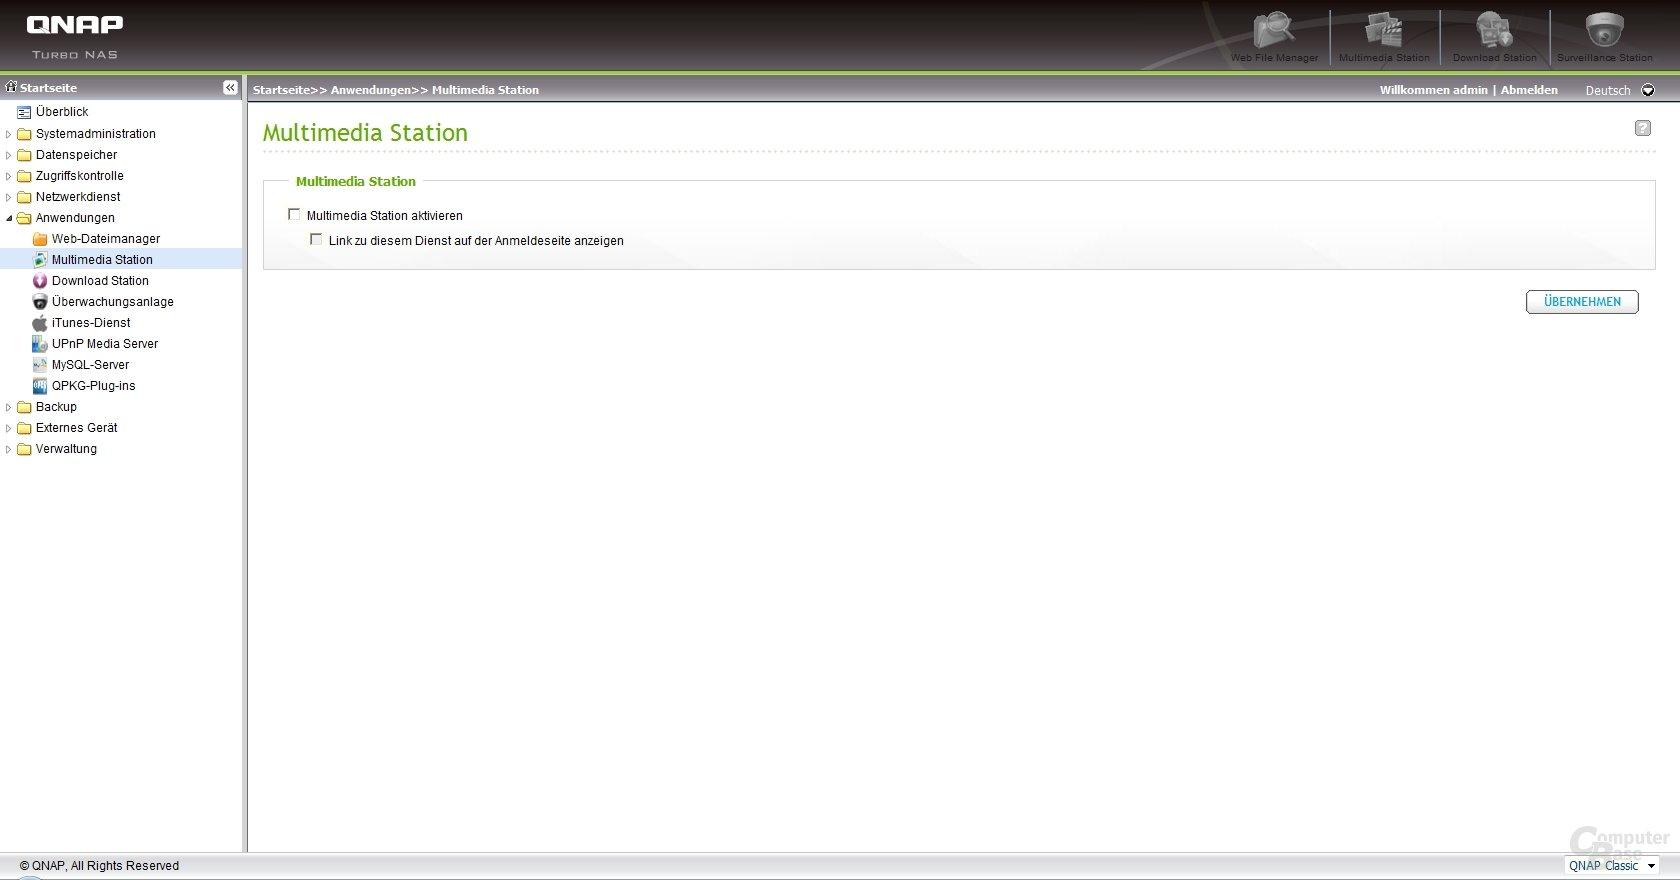 QNAP Firmware v3